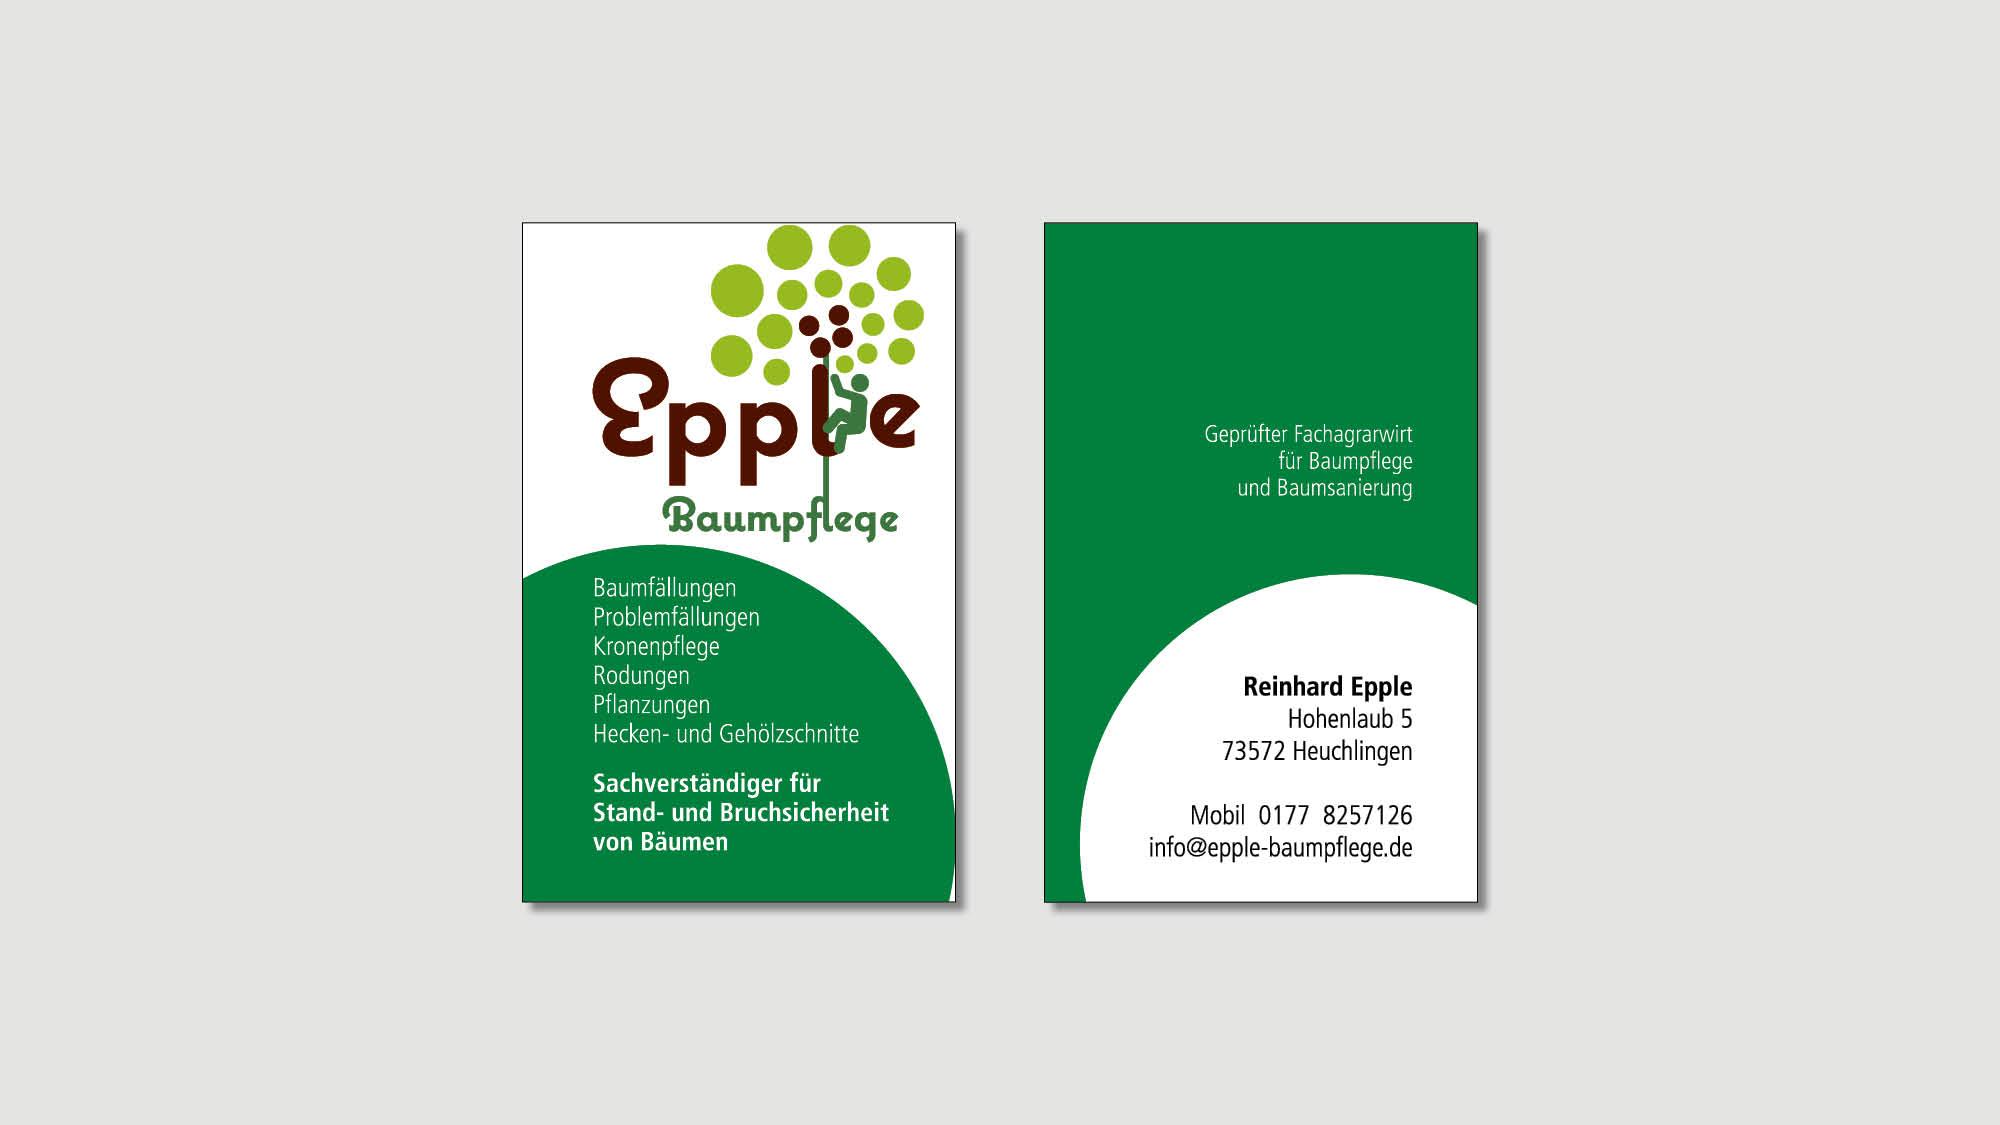 Epple Baumpflege - Heuchlingen - Visitenkarte - Print - 2019